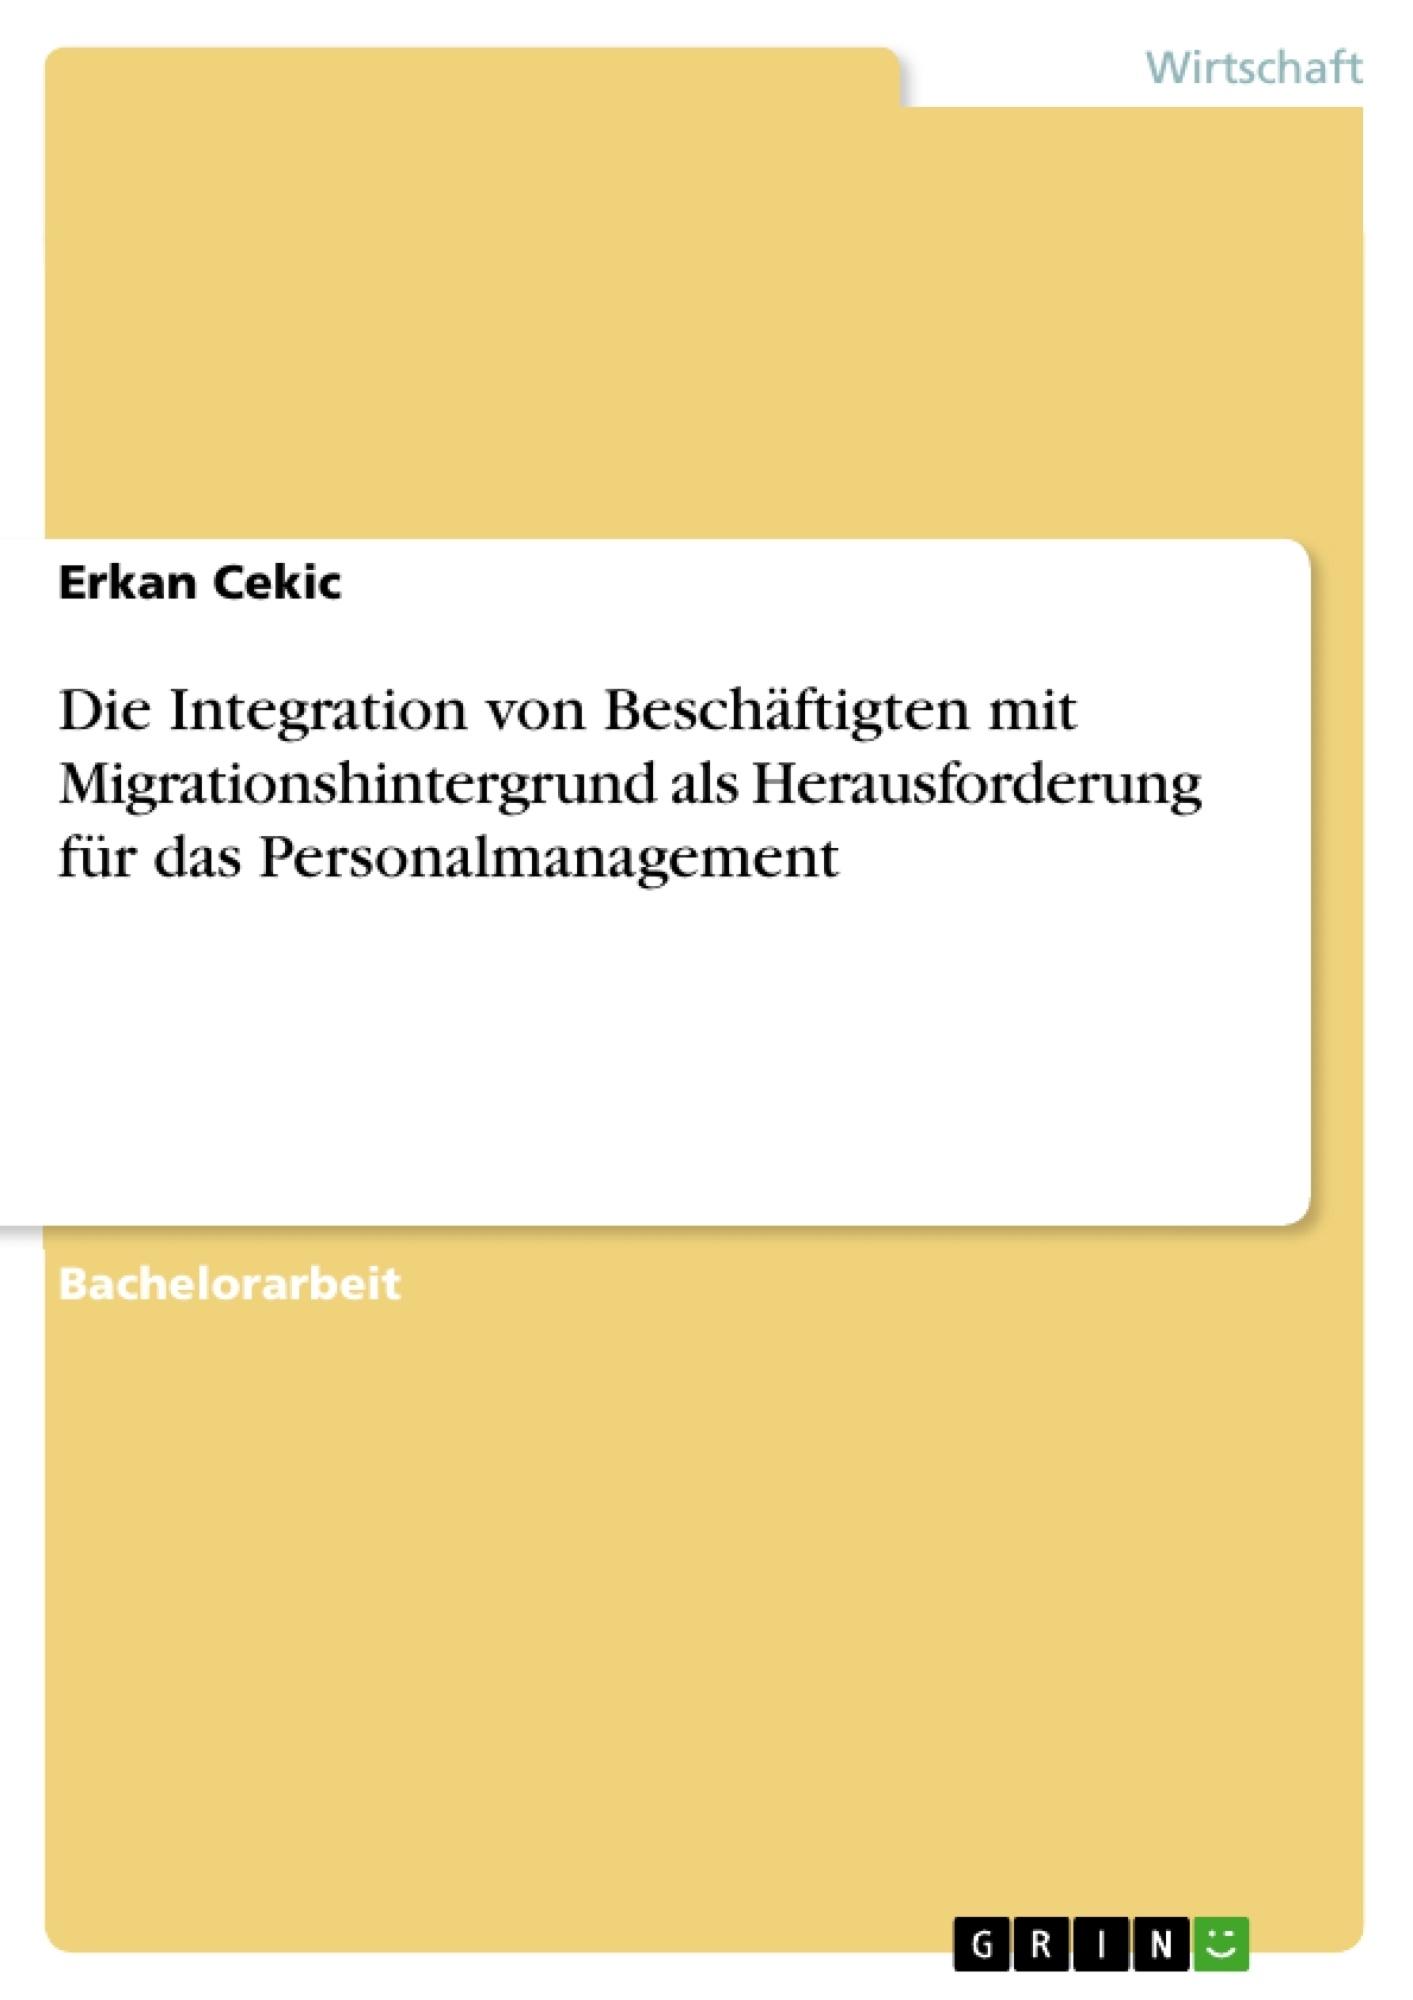 Titel: Die Integration von Beschäftigten mit Migrationshintergrund als Herausforderung für das Personalmanagement